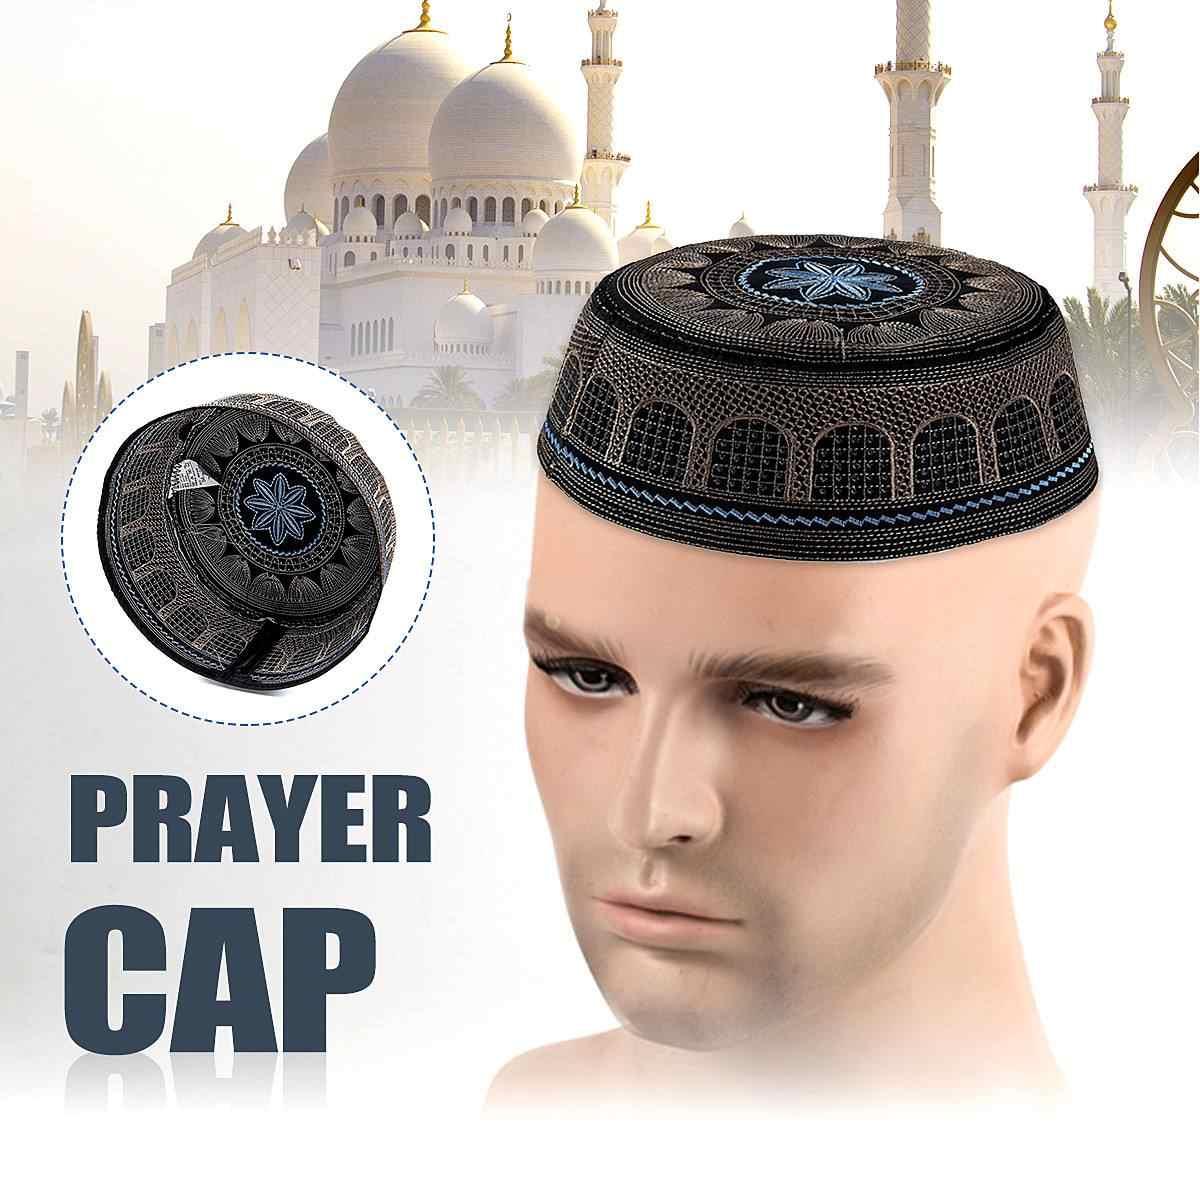 Новые для мужчин's мусульманская молитвенная шапка мода исламский красивый Этническая одежда арабских мужчин мусульманские модные аксессуары крючком ислам